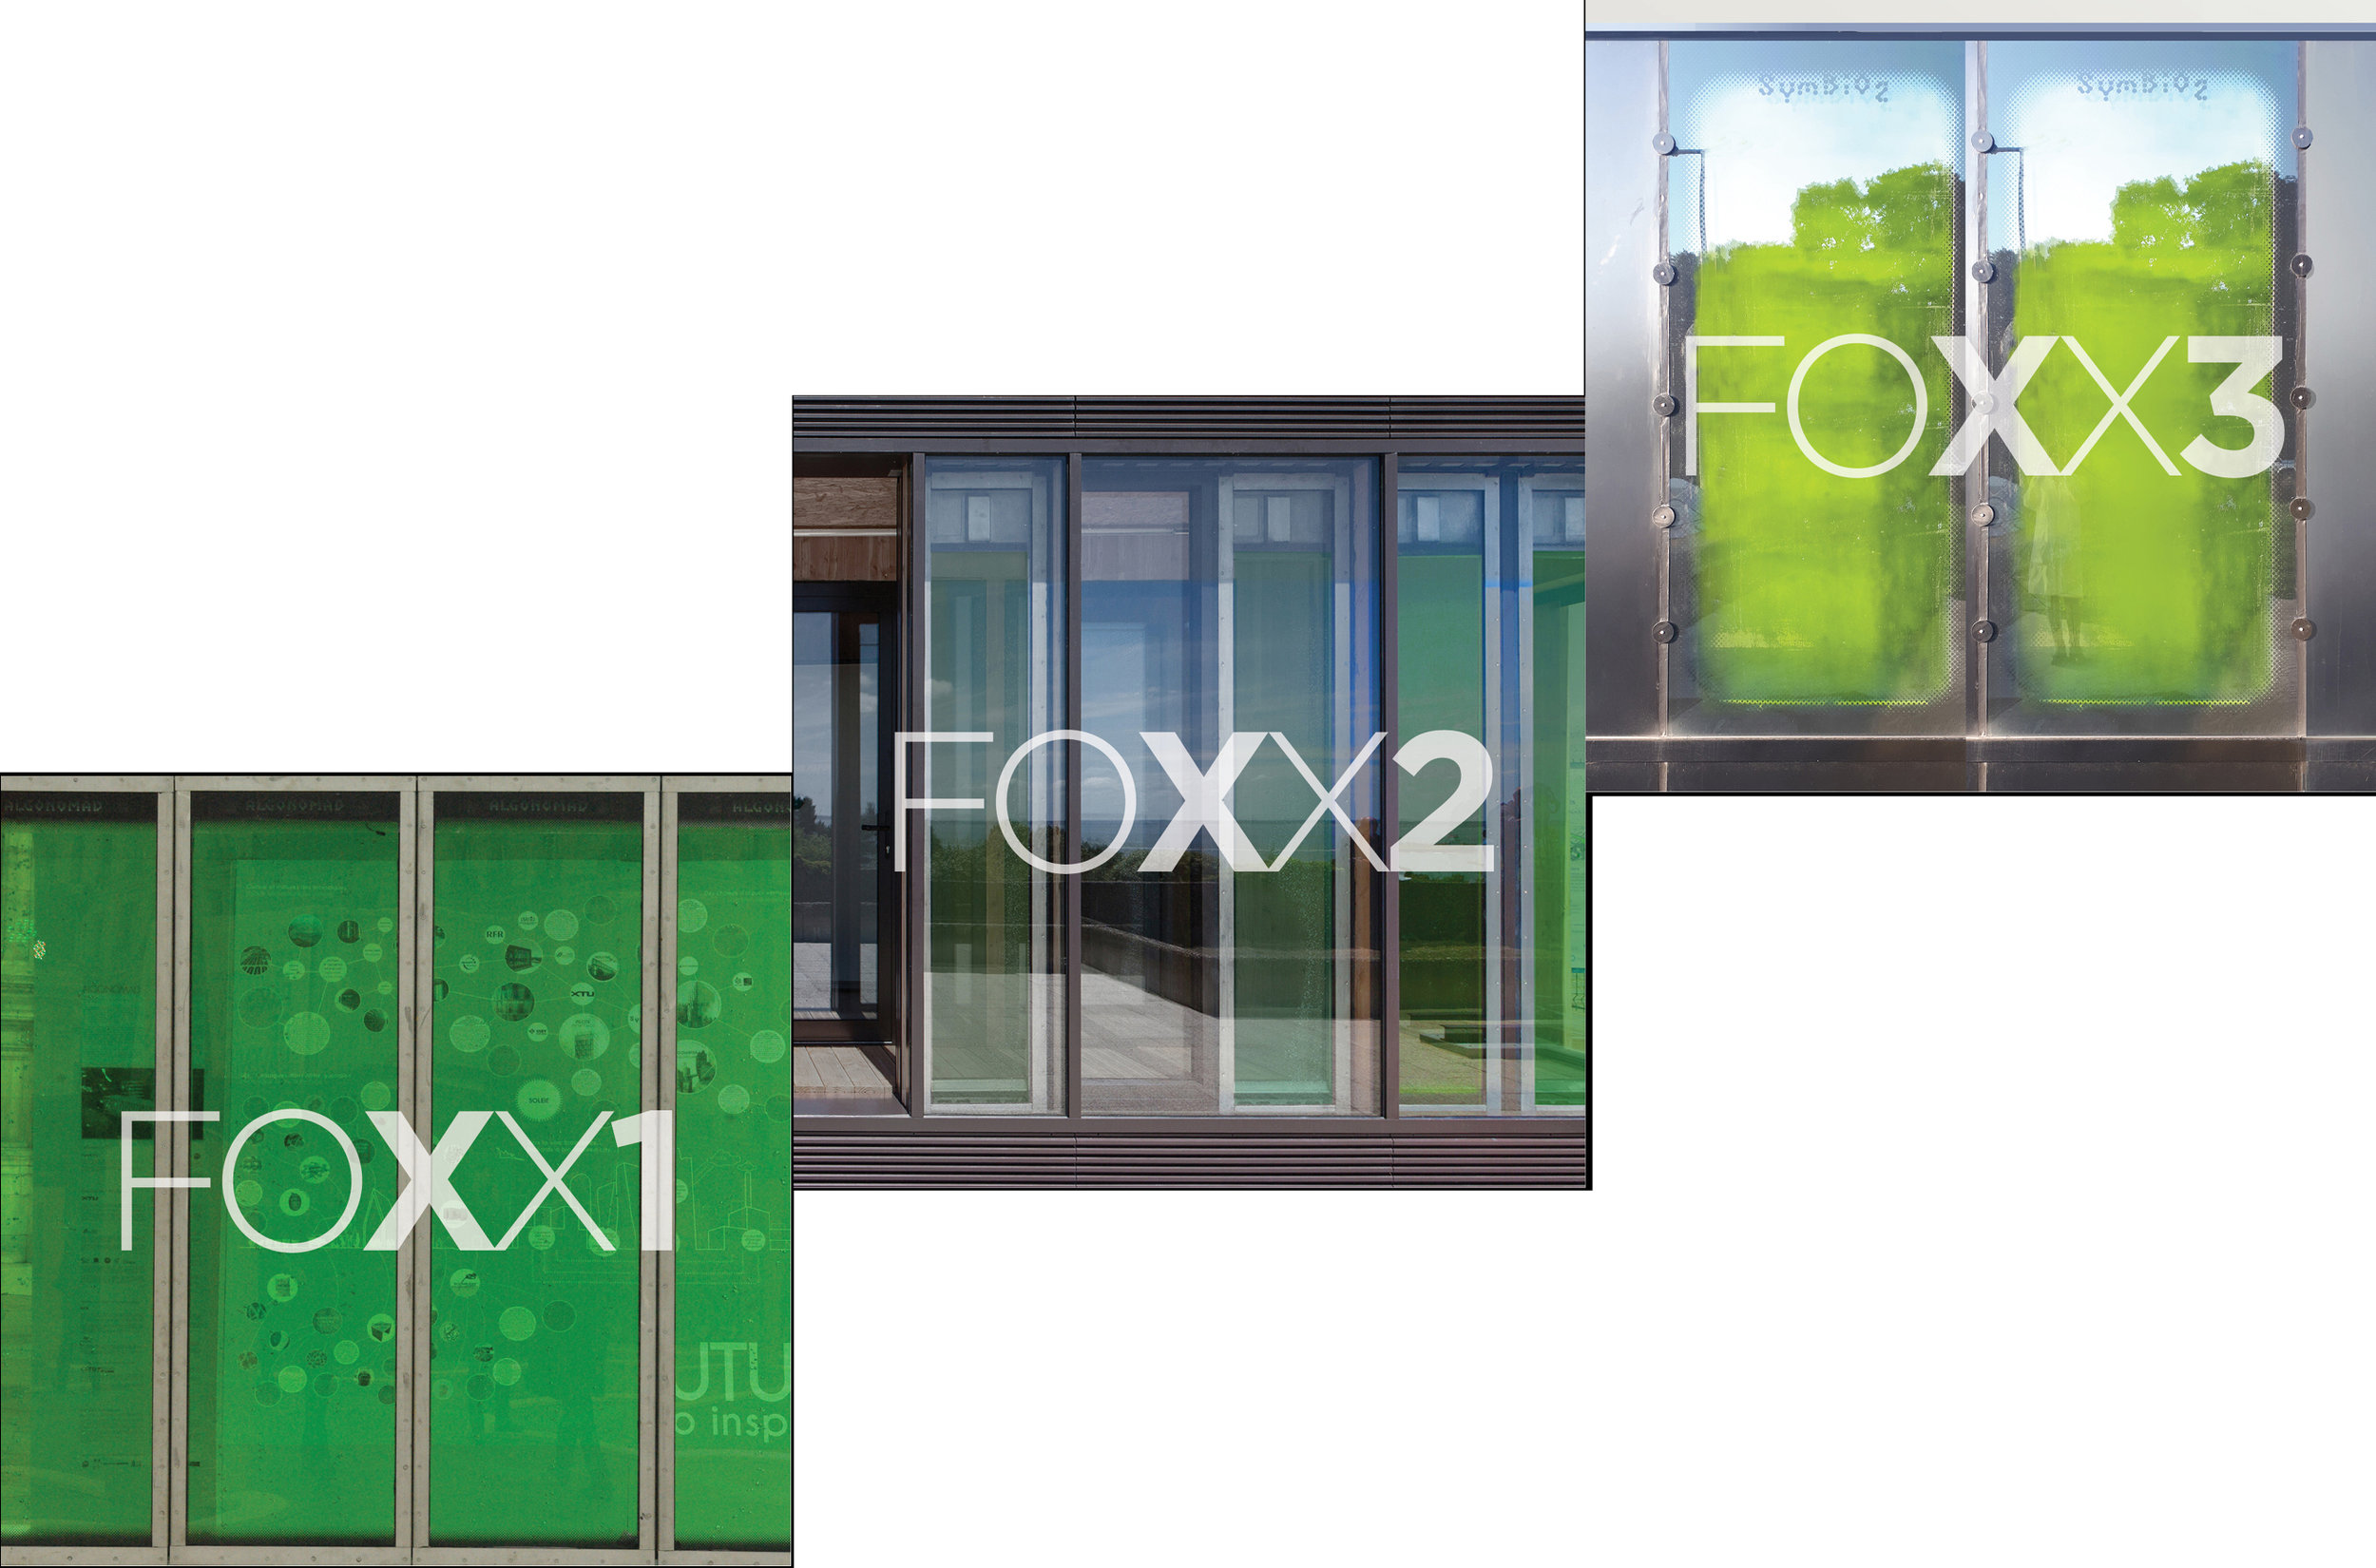 XTU_BIO FACADES2 copie.jpg